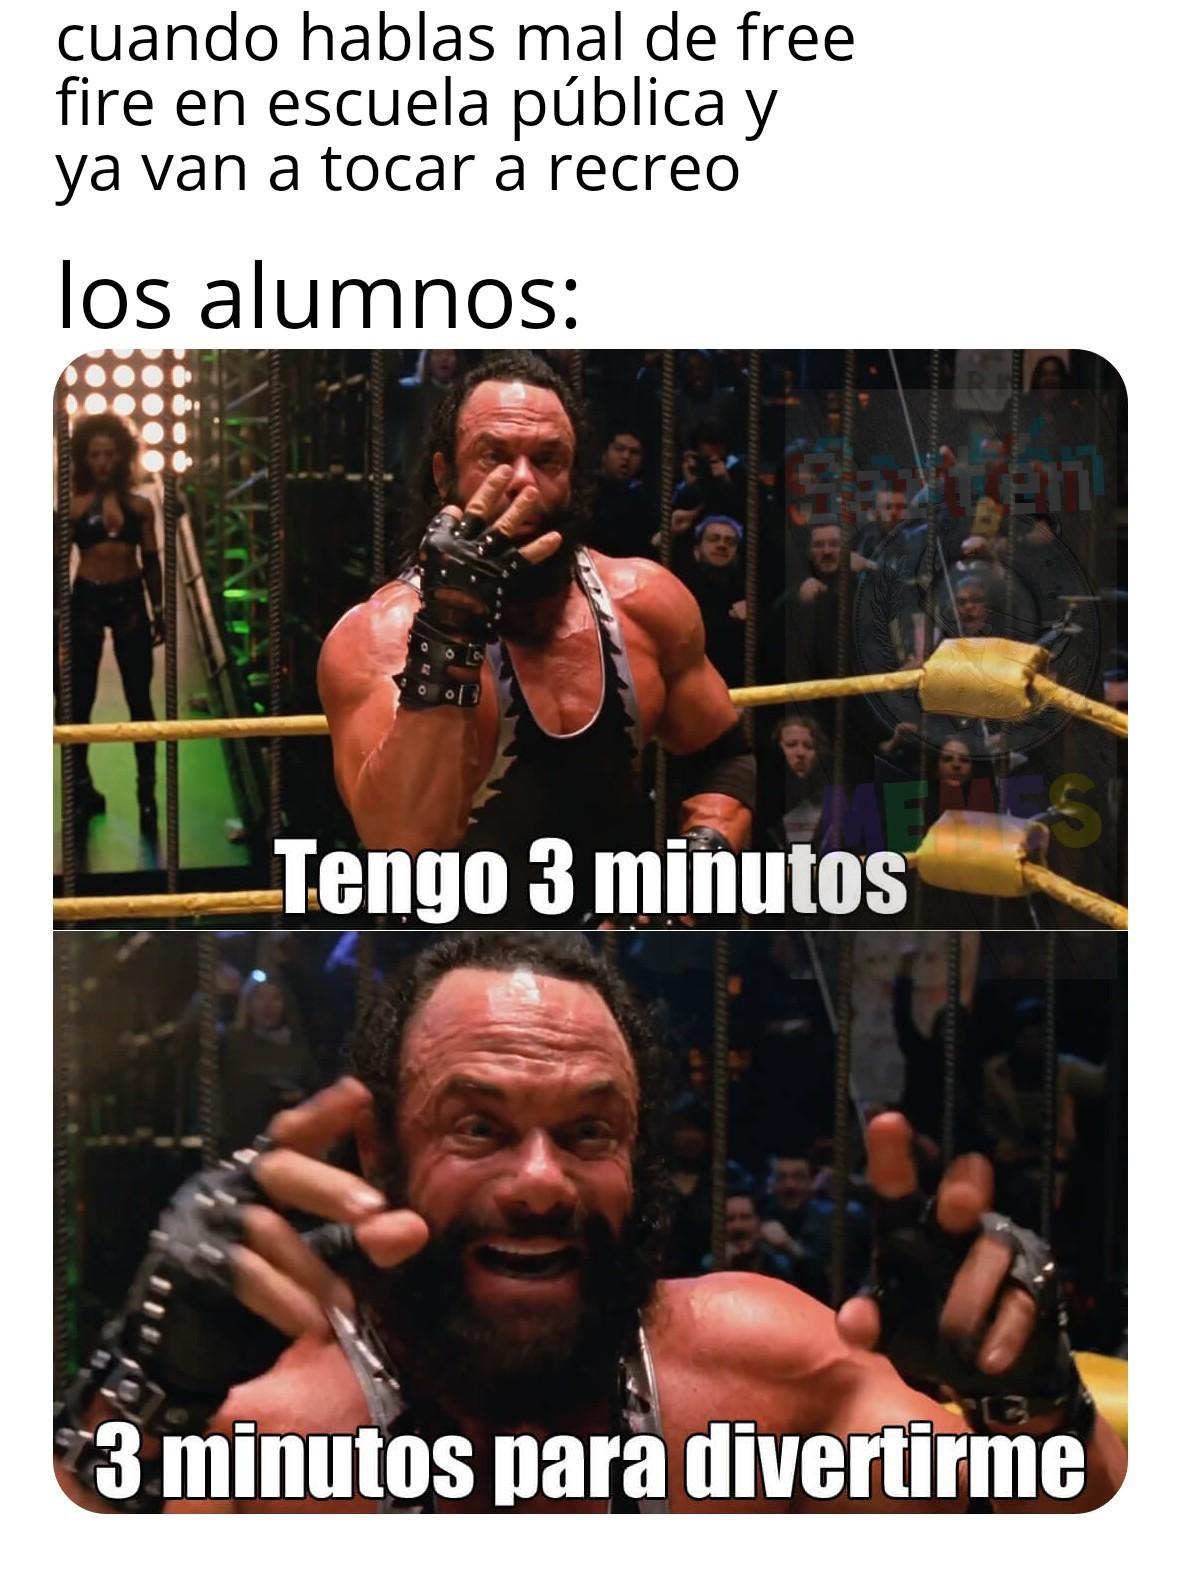 Tu amigo: CORRE PERRA CORRE!!! - meme